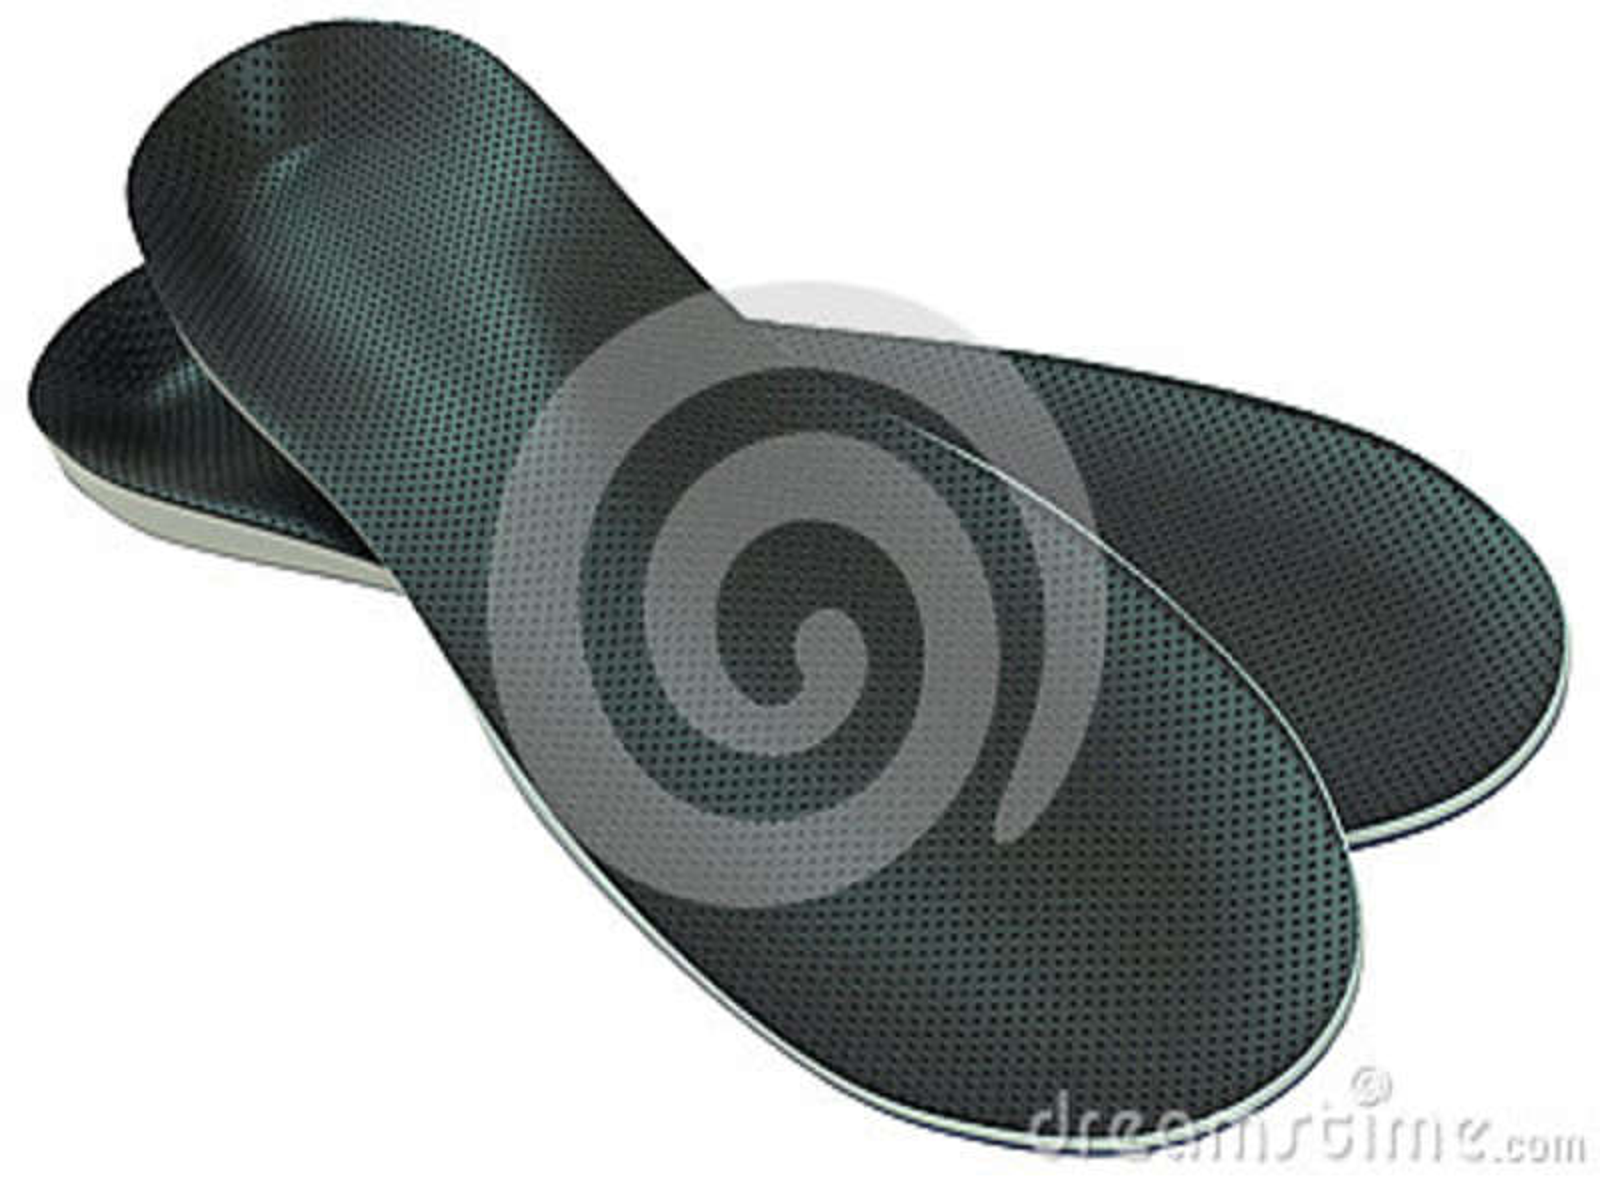 c8d8118d070 Orthotics - επί παραγγελία ένθετα παπουτσιών που απομονώνονται στο λευκό